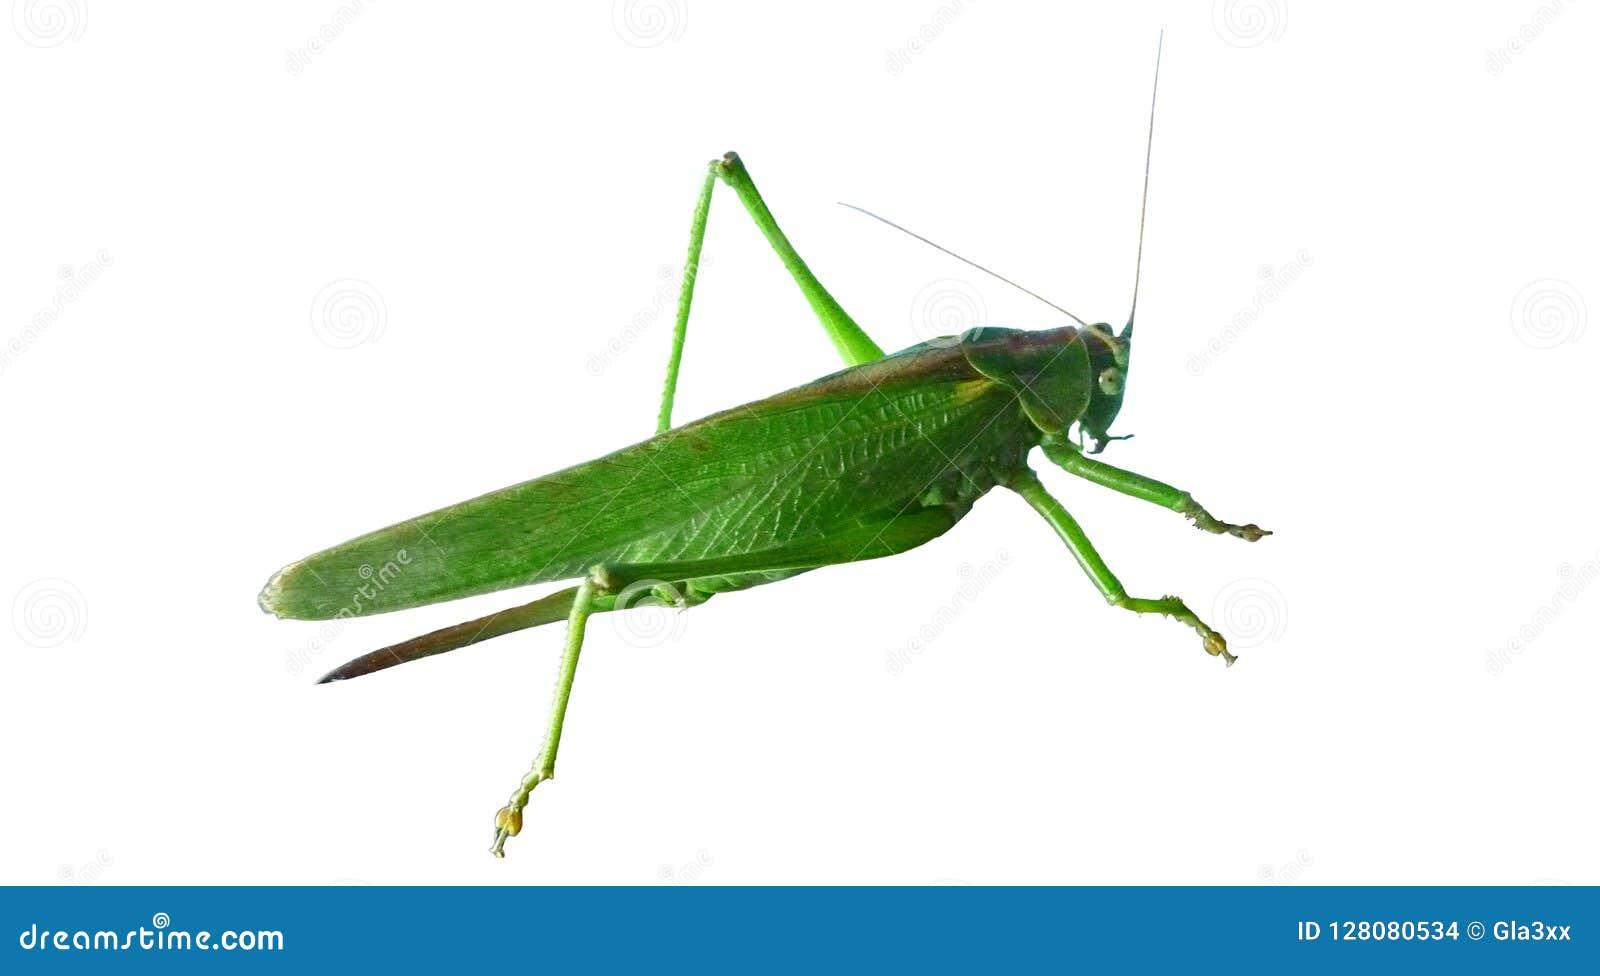 蝗虫绿色 蚂蚱